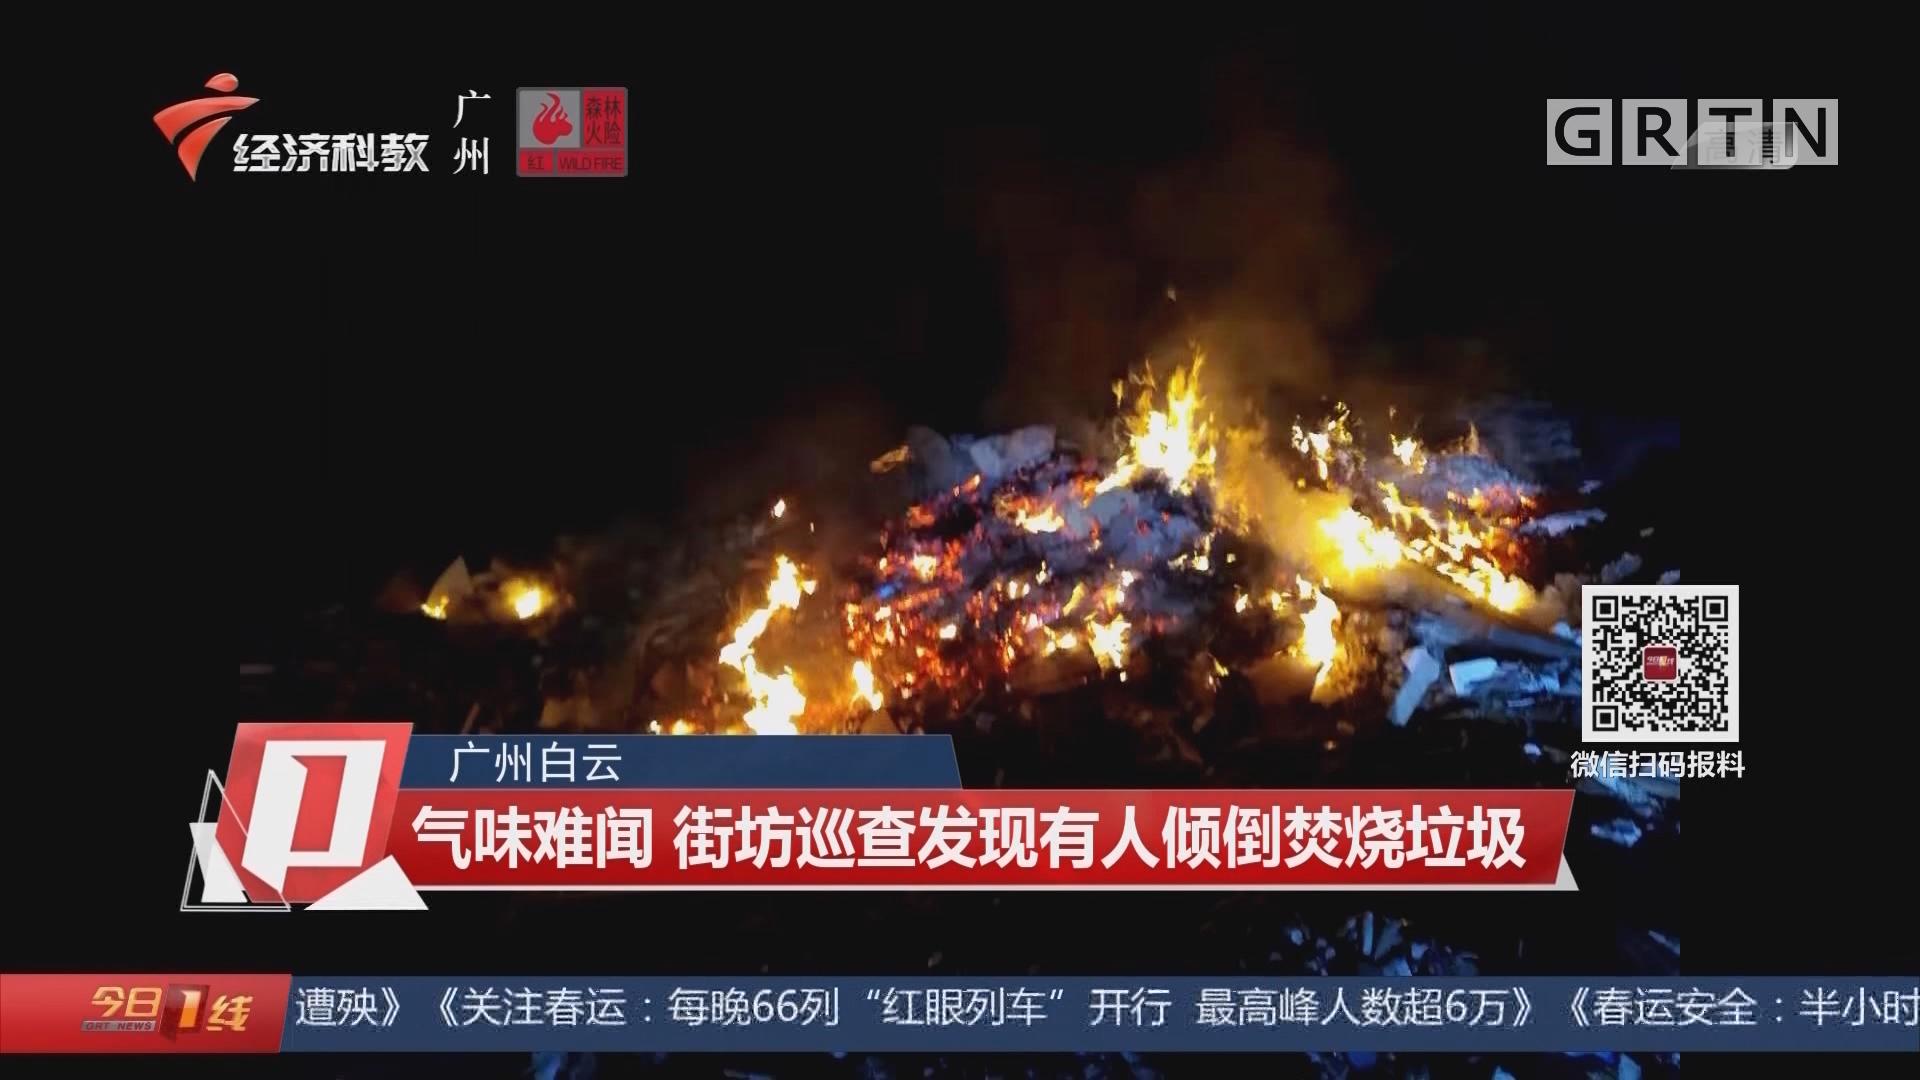 广州白云:气味难闻 街坊巡查发现有人倾倒焚烧垃圾